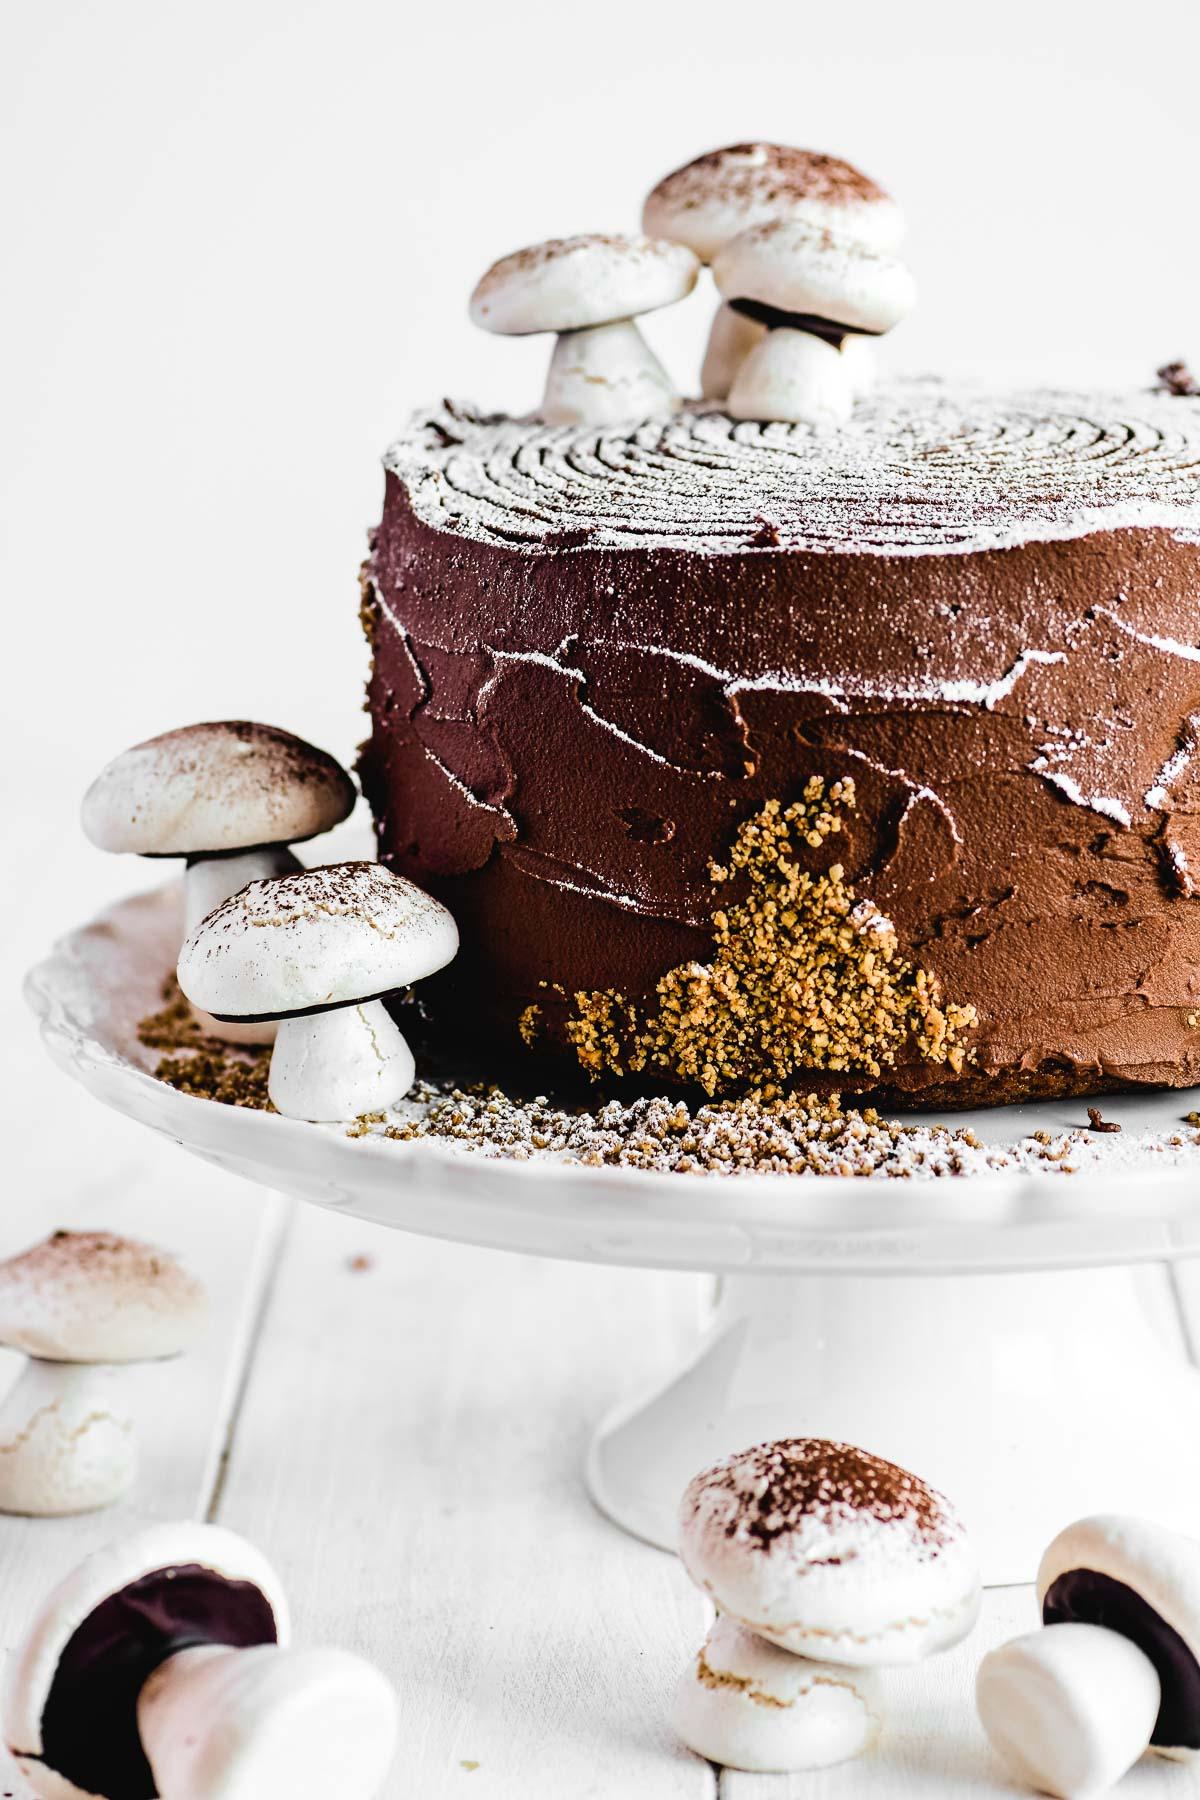 buche de noel layer cake with meringue mushrooms